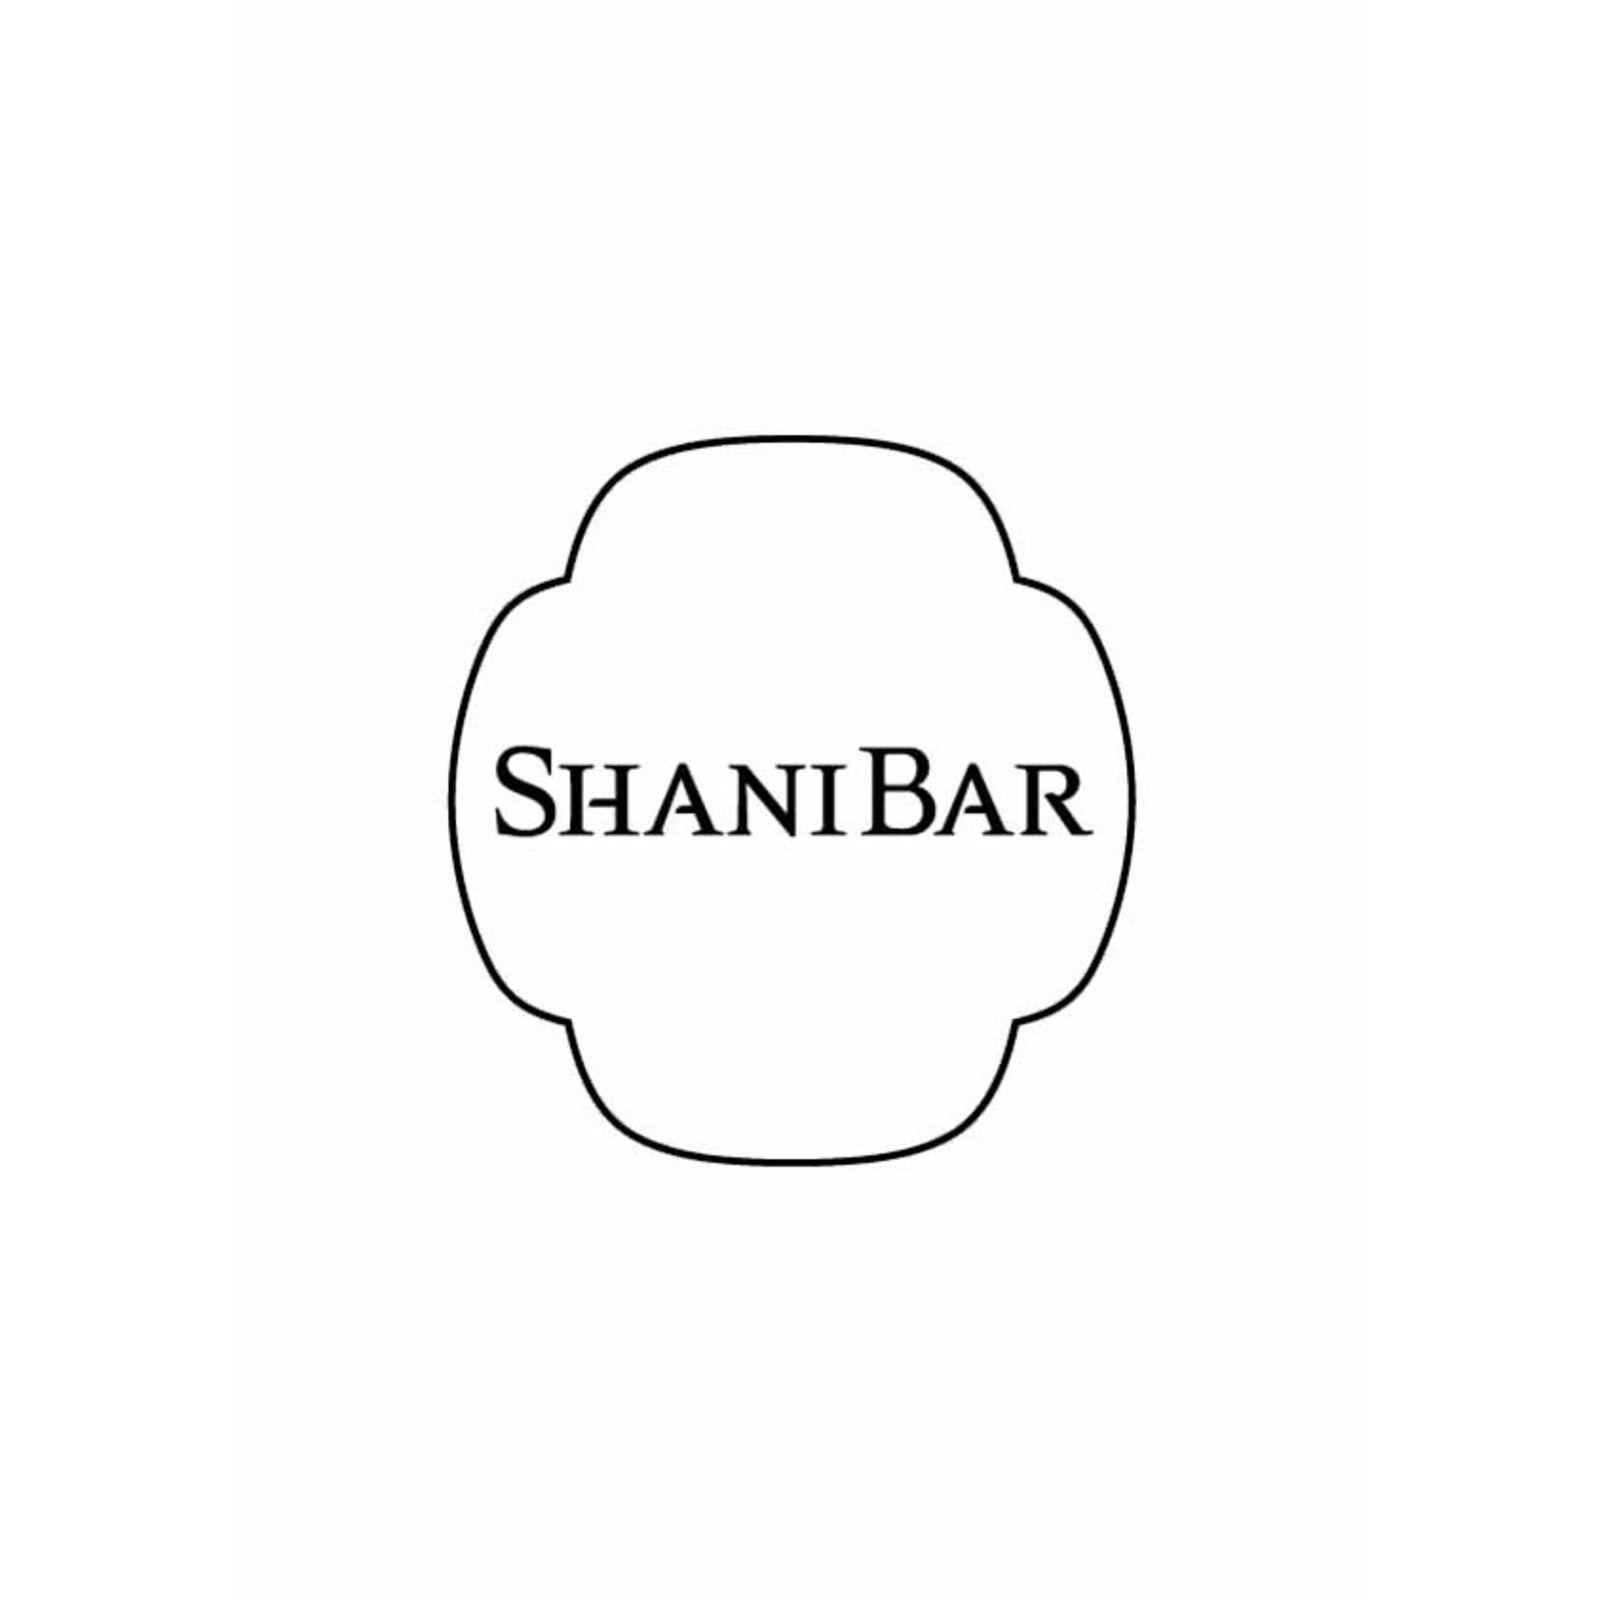 ShaniBar